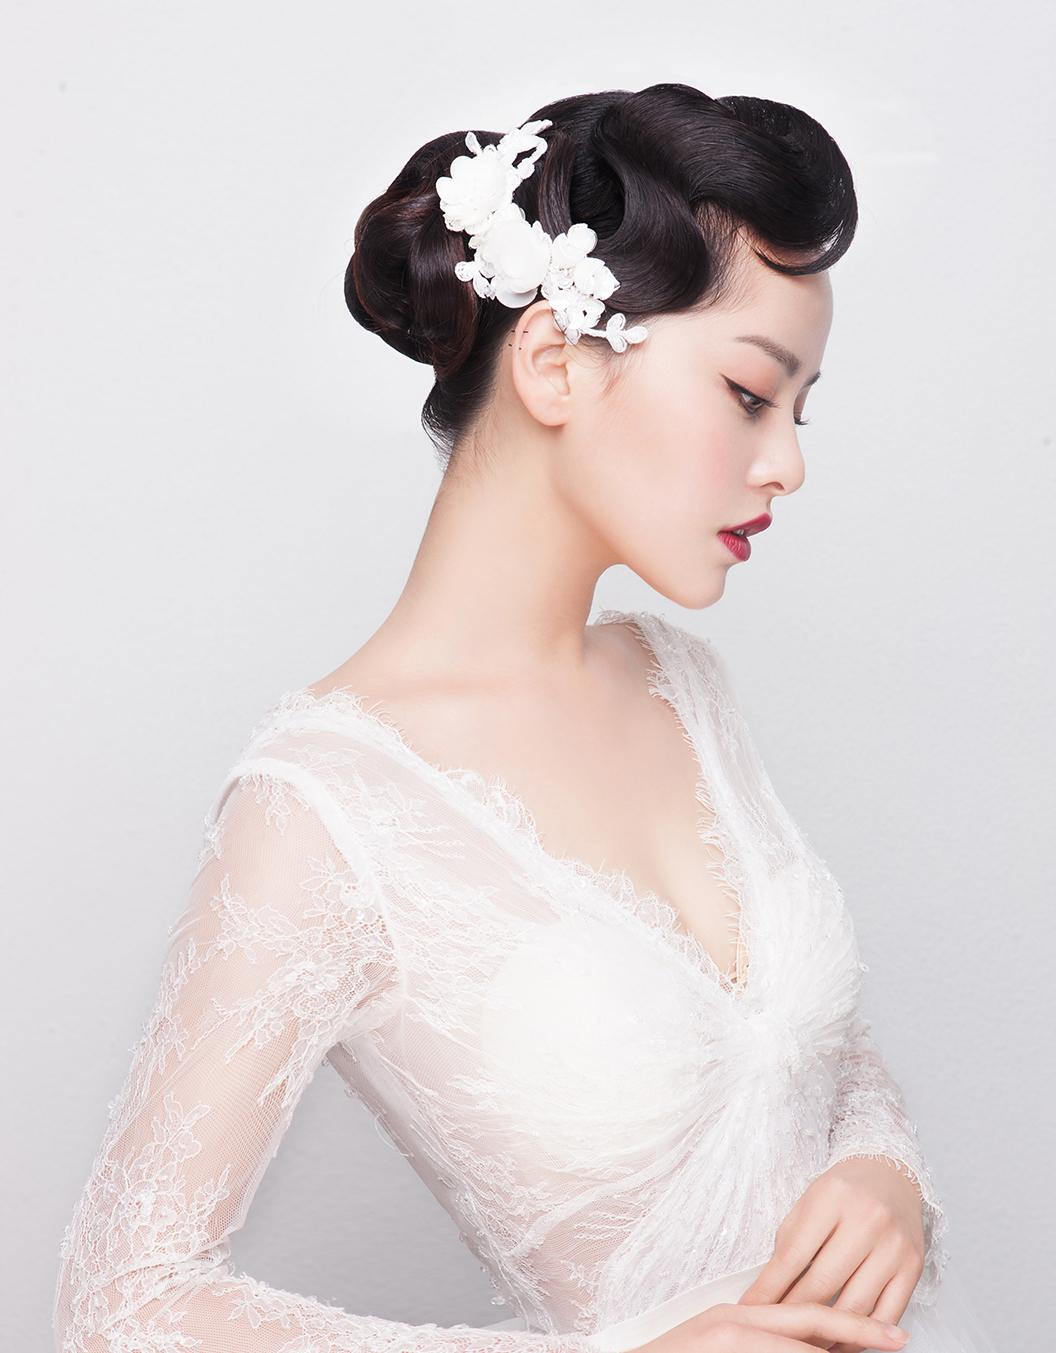 新娘造型|气质新娘复古风造型